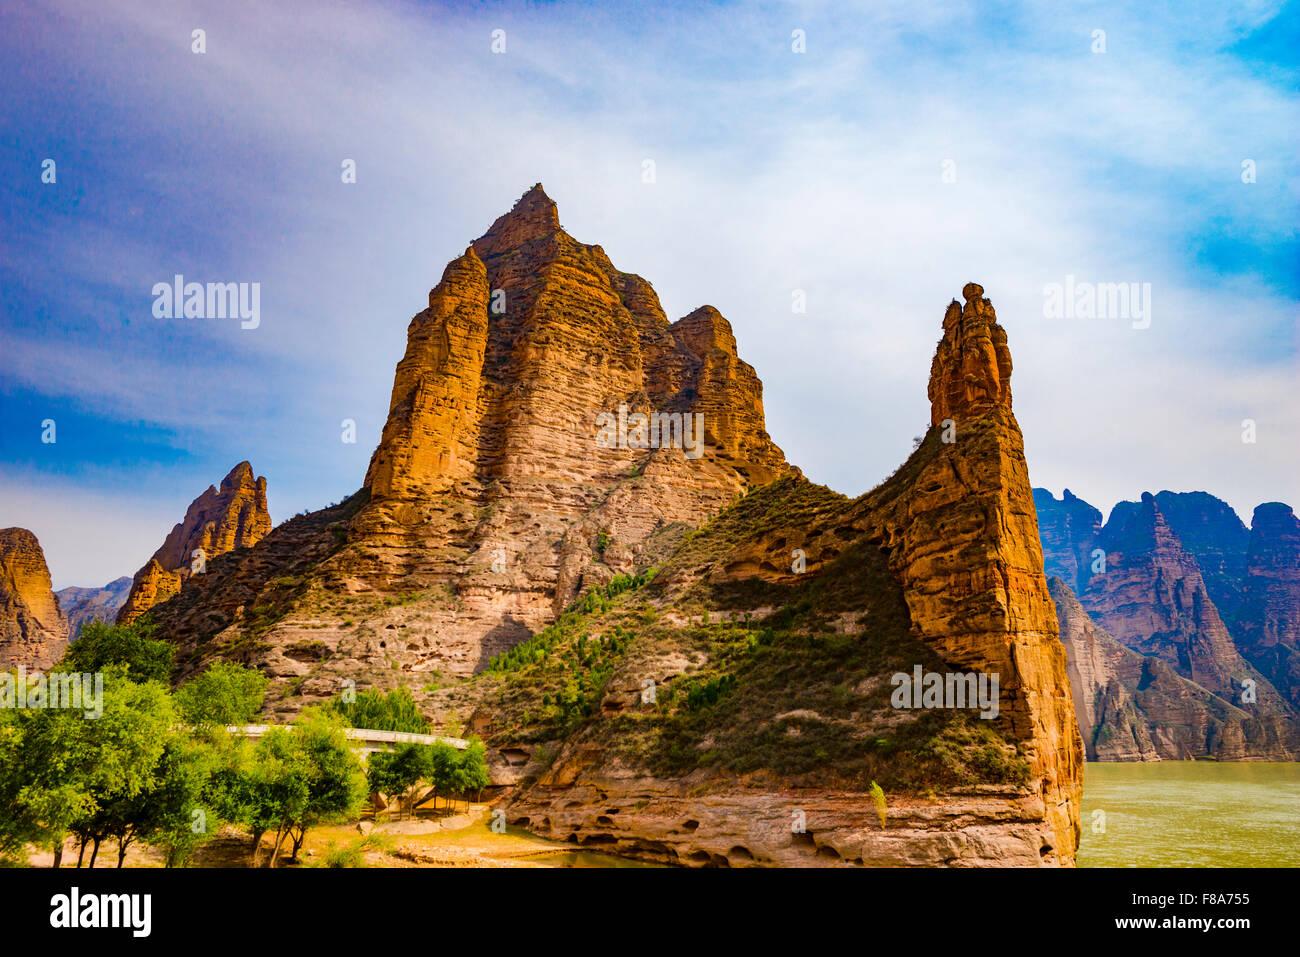 Yellow River and pinnacles, China, near Bingling Caves - Stock Image